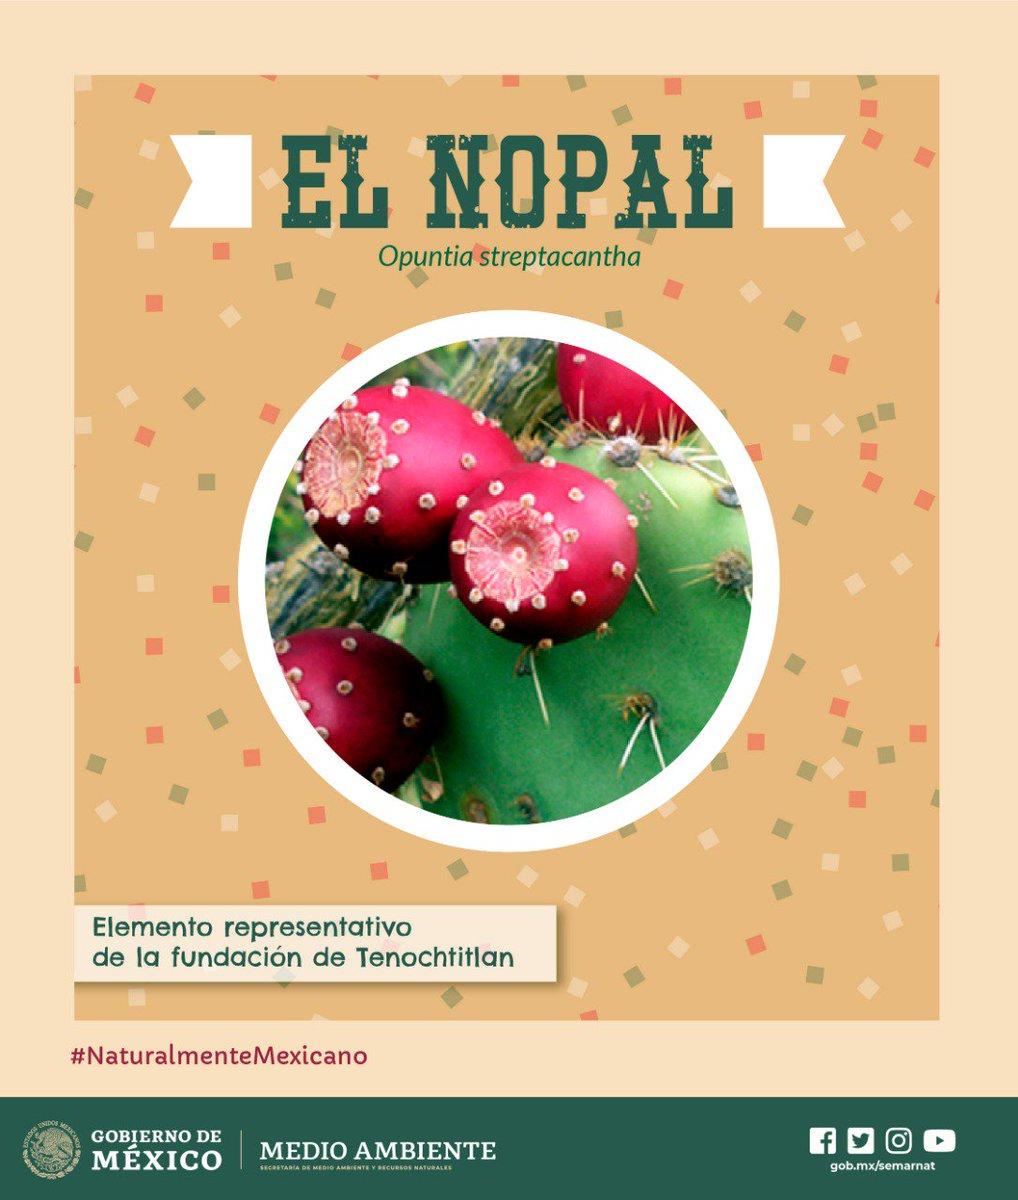 ✨#NaturalmenteMexicano🌵🇲🇽🍃| El #nopal es símbolo vivo de #México y Tenochtitlán, palabra del náhuatl tetl, piedra, nocht, fruto del nopal y tlān lugar.